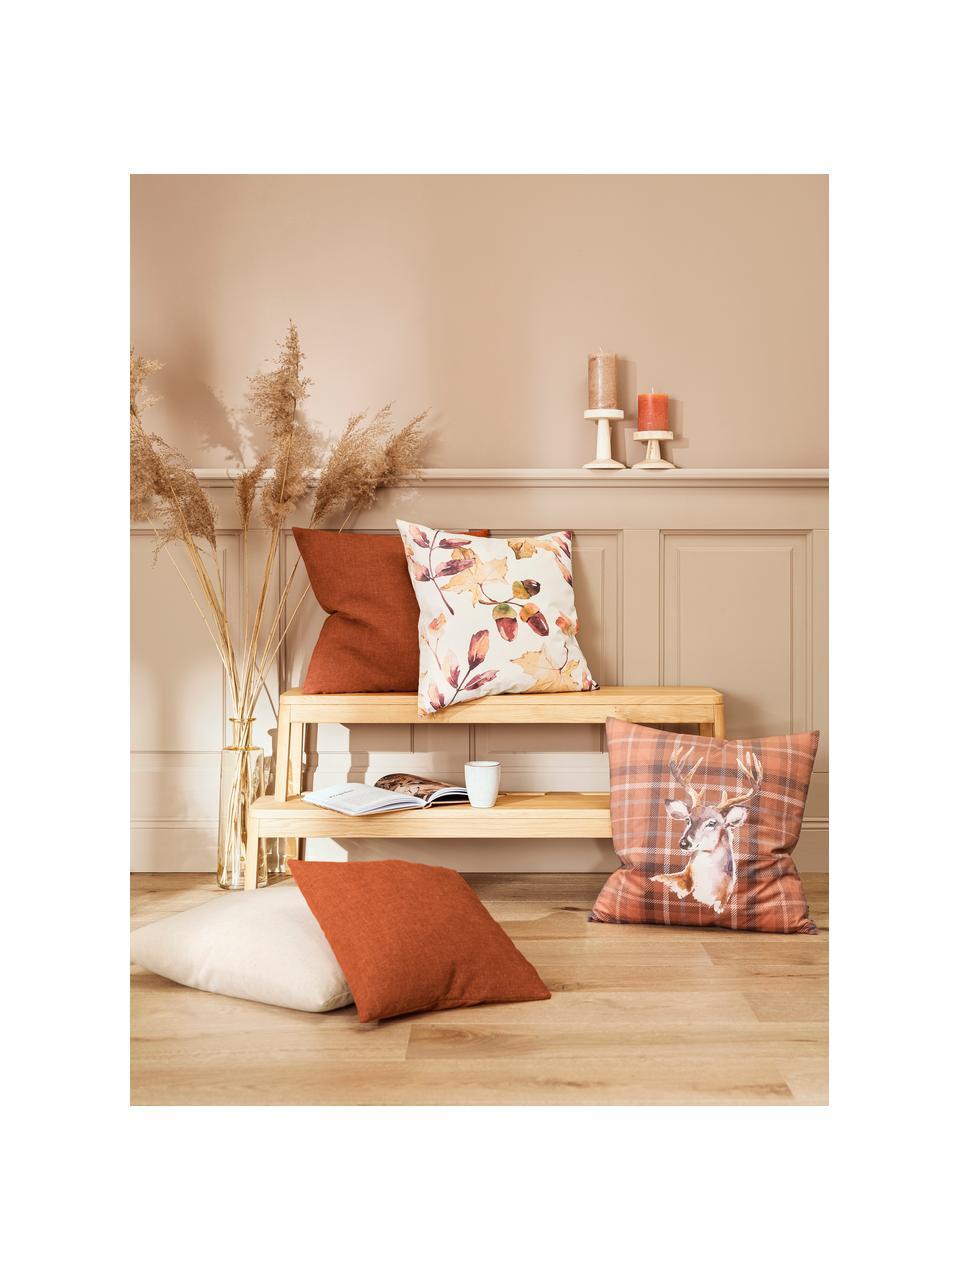 Samt-Wendekissenhülle Eichel mit herbstlichem Print, Polyestersamt, Creme, Rot- und Brauntöne, 50 x 50 cm